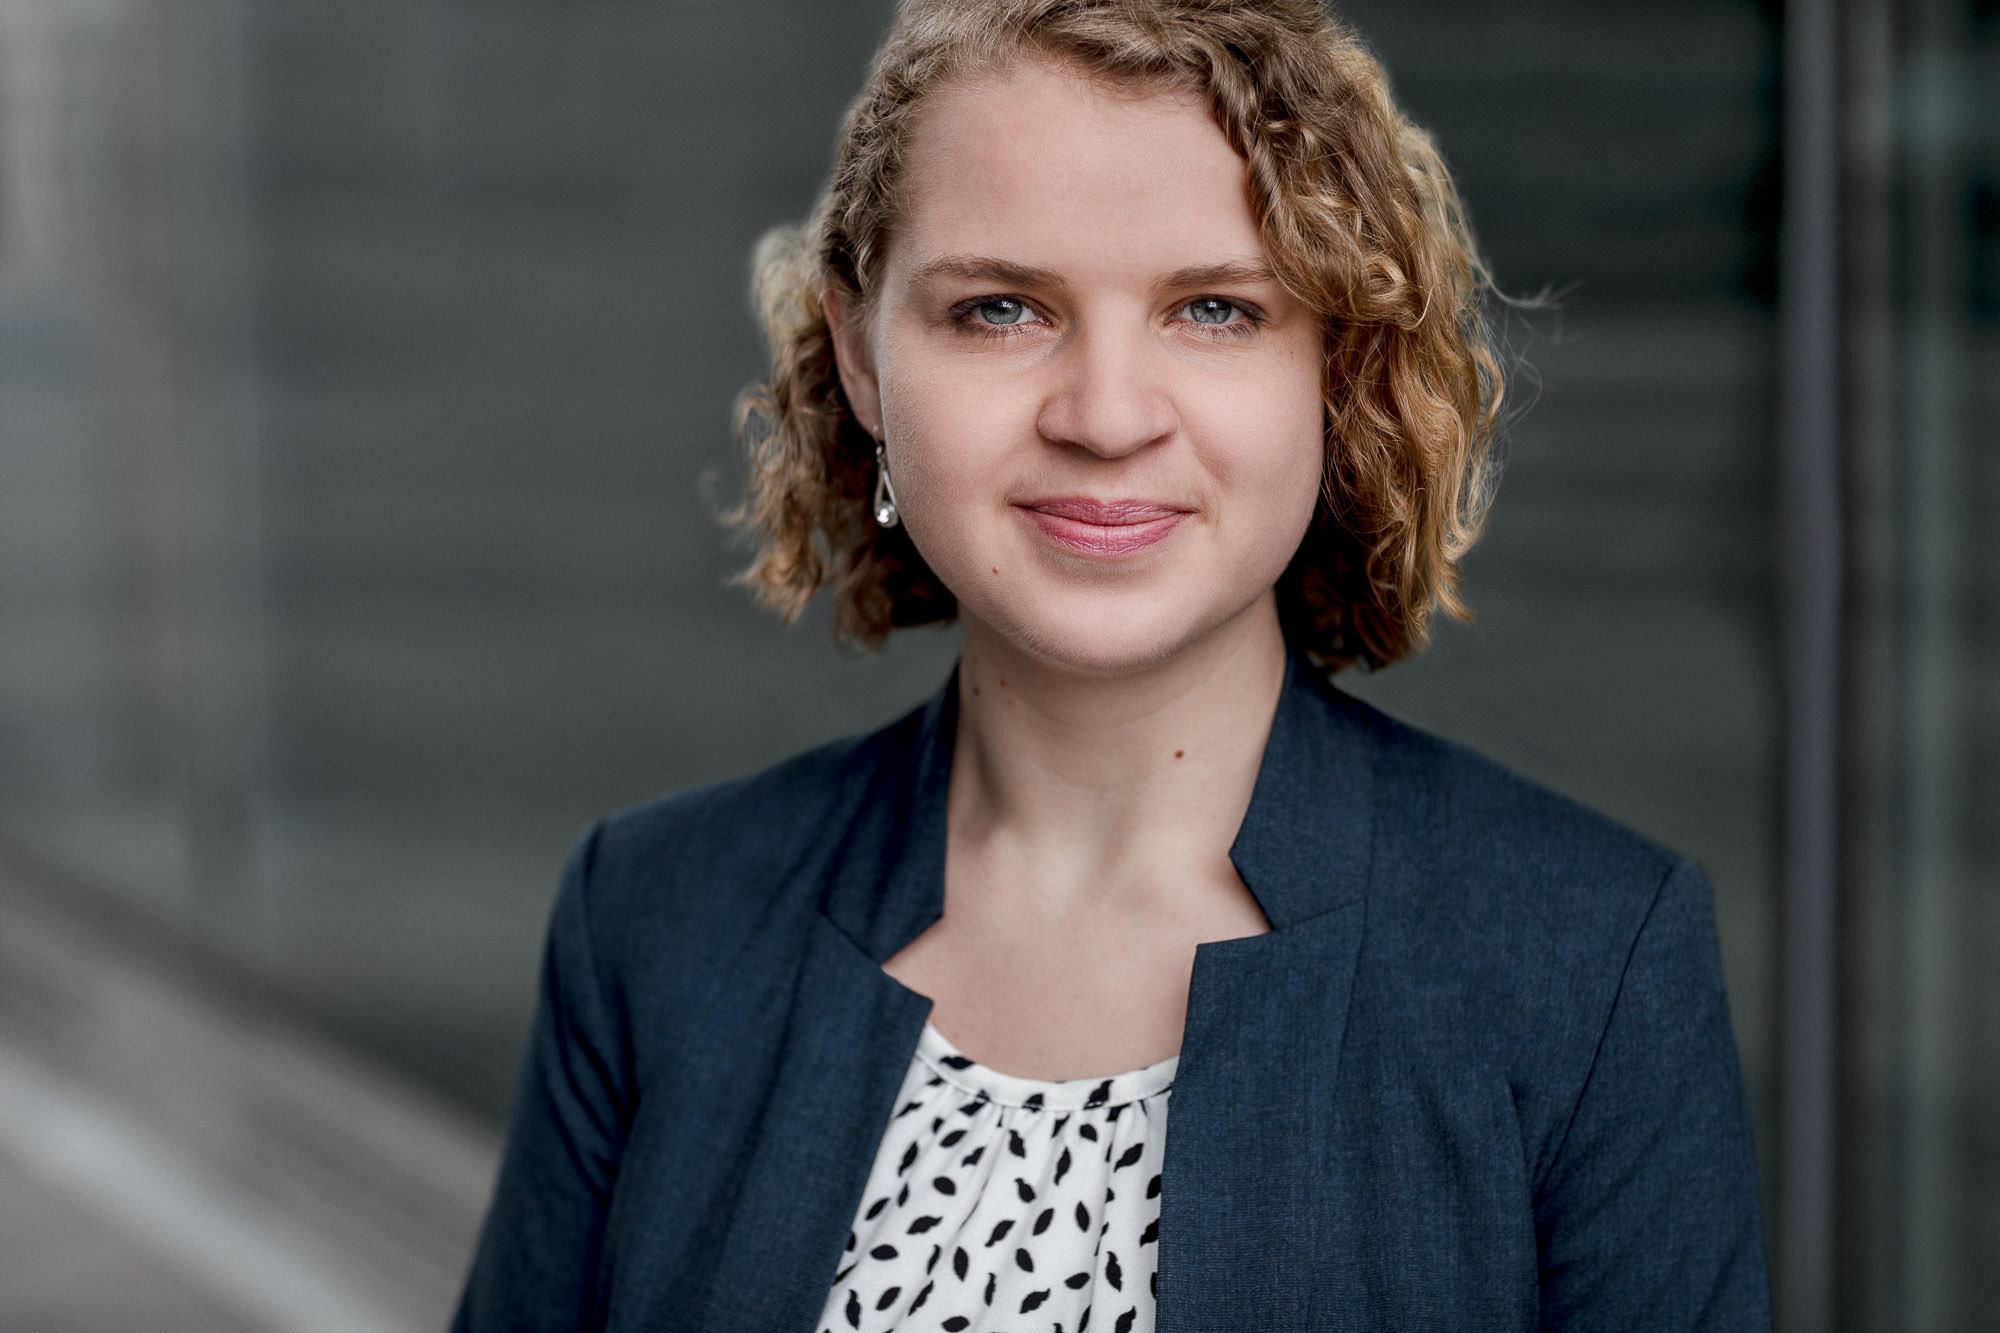 Dieses Bewerbungsfoto wurde von den Fotografen Tom und Lia aus Rostock aufgenommen. Zu sehen ist eine junge Frau vor der Deutschen Med, ein Gebäude im Zentrum von Rostock. Die Fassade des Gebäudes eignet sich sehr gut für professionelle Bewerbungsfotos.